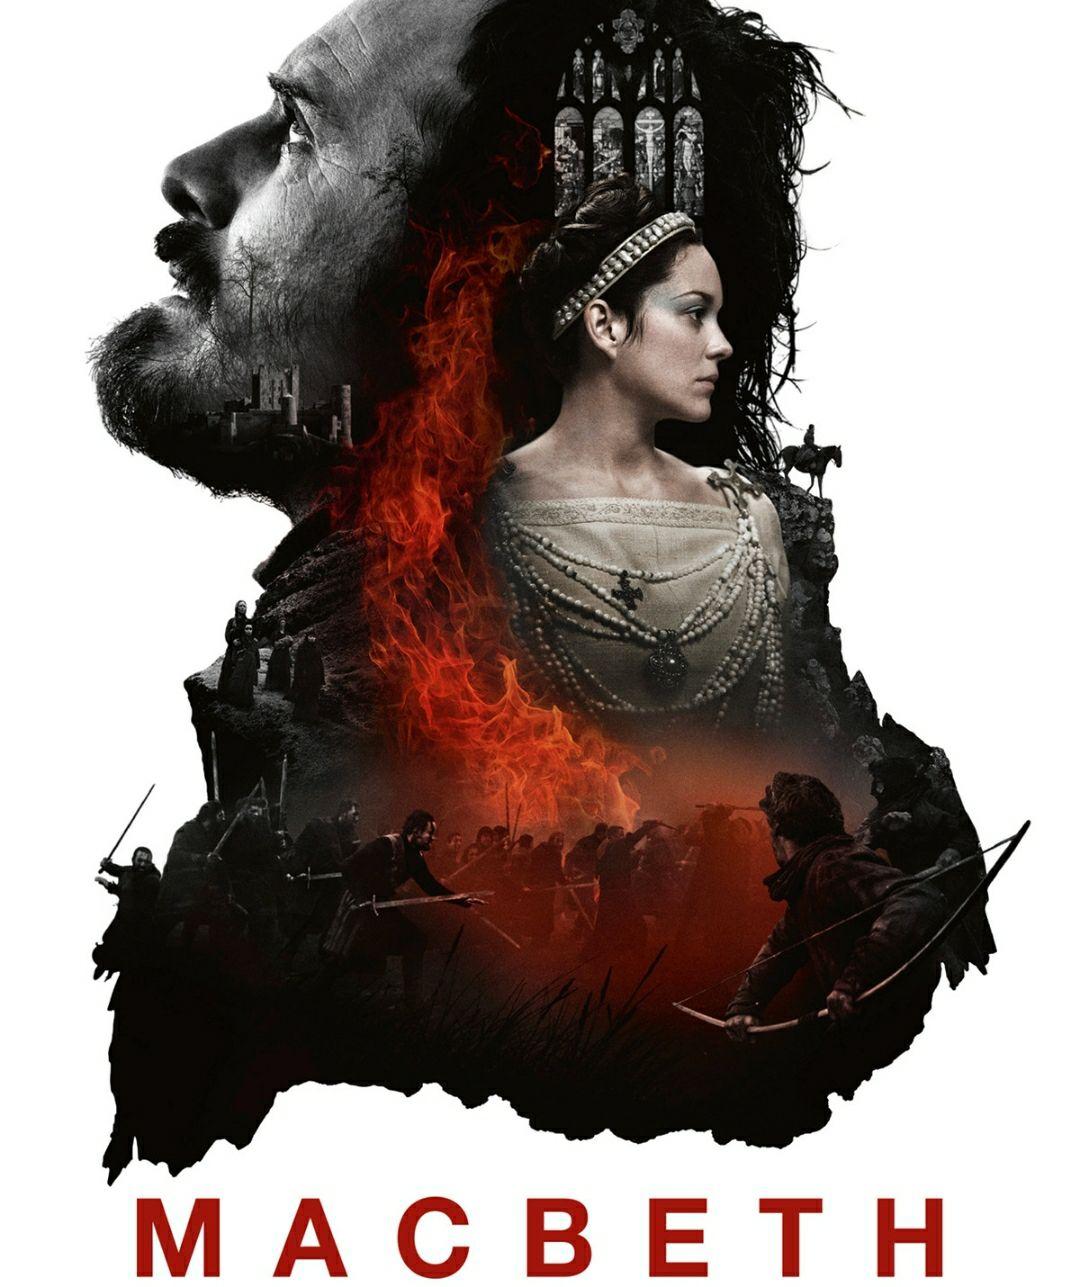 [ZDF Mediathek] Macbeth mit Michael Fassbender und Marion Cotillard kostenlos im Stream